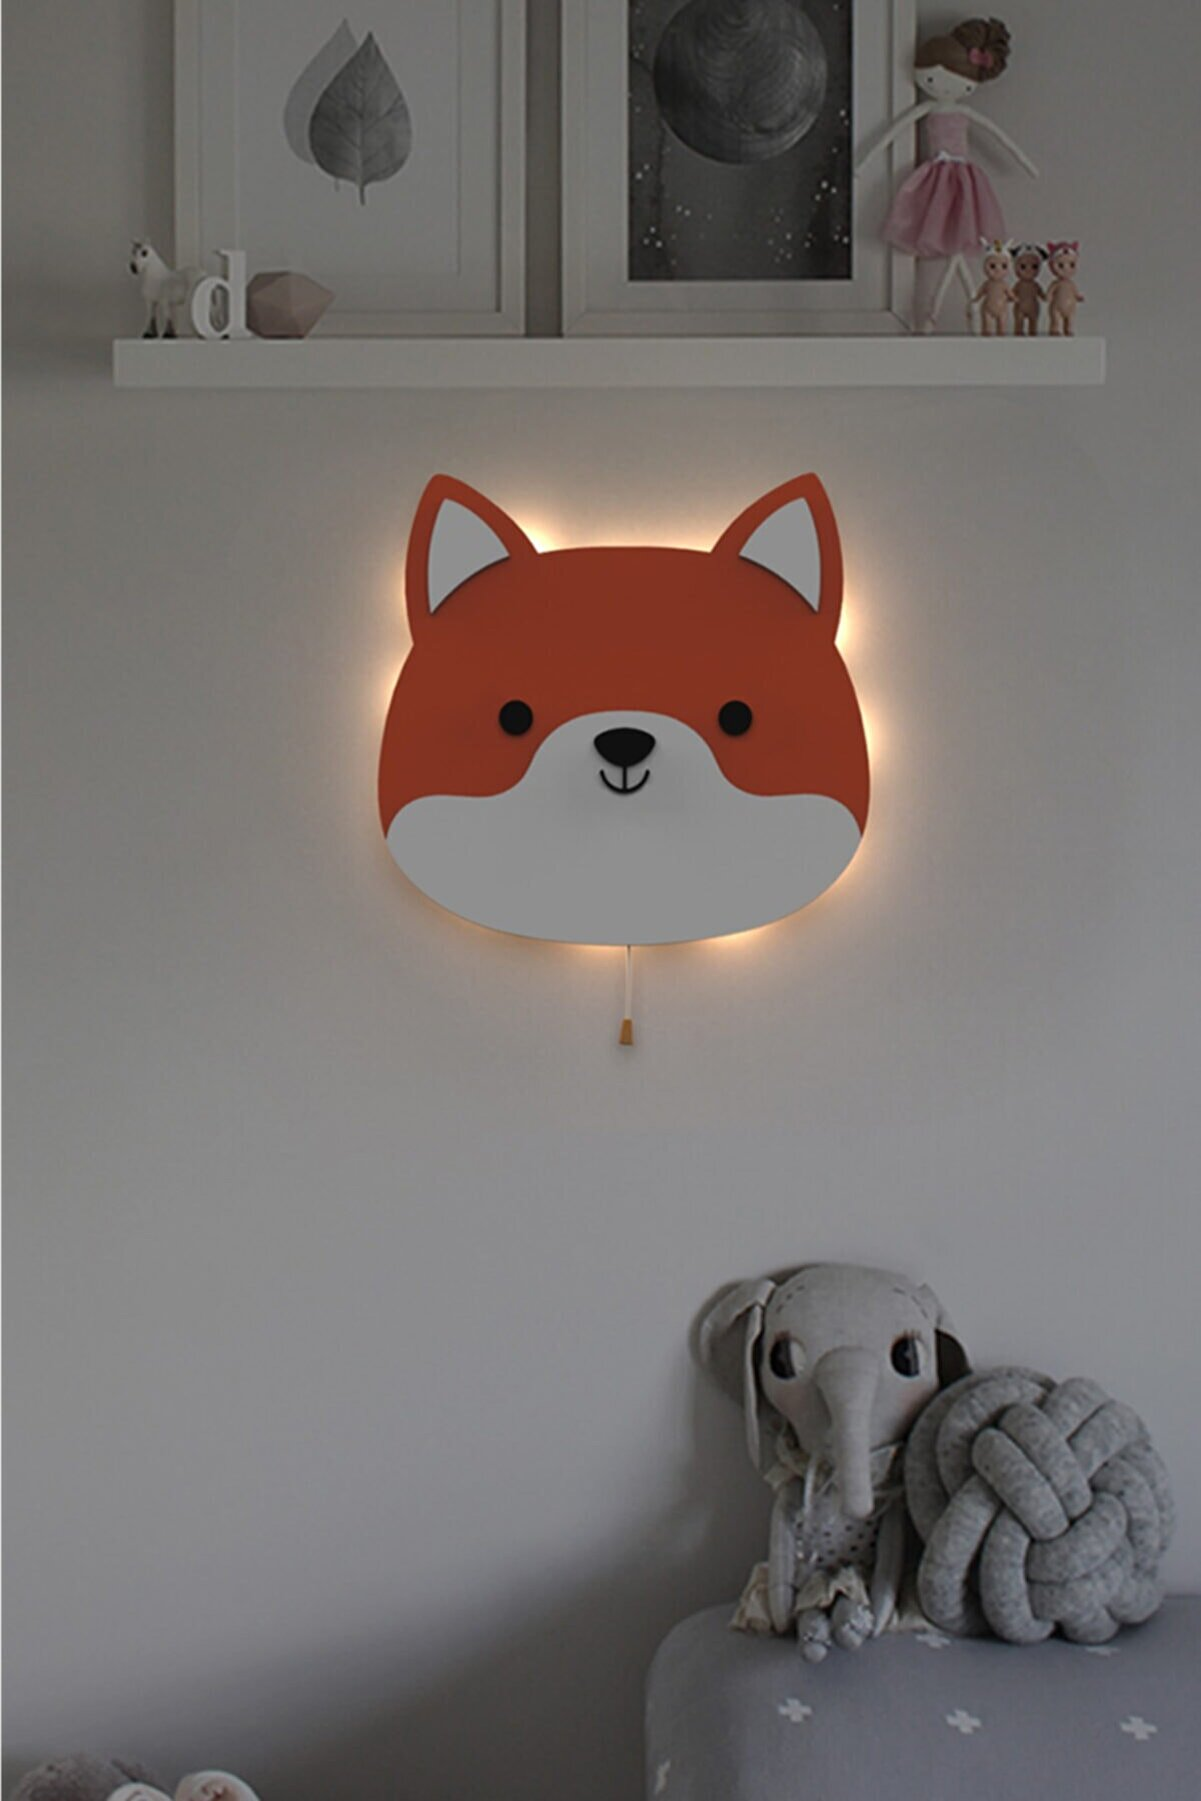 woodcas Çocuk Odası Dekoratif Sevimli Tilki Gece Lambası Led Aydınlatma